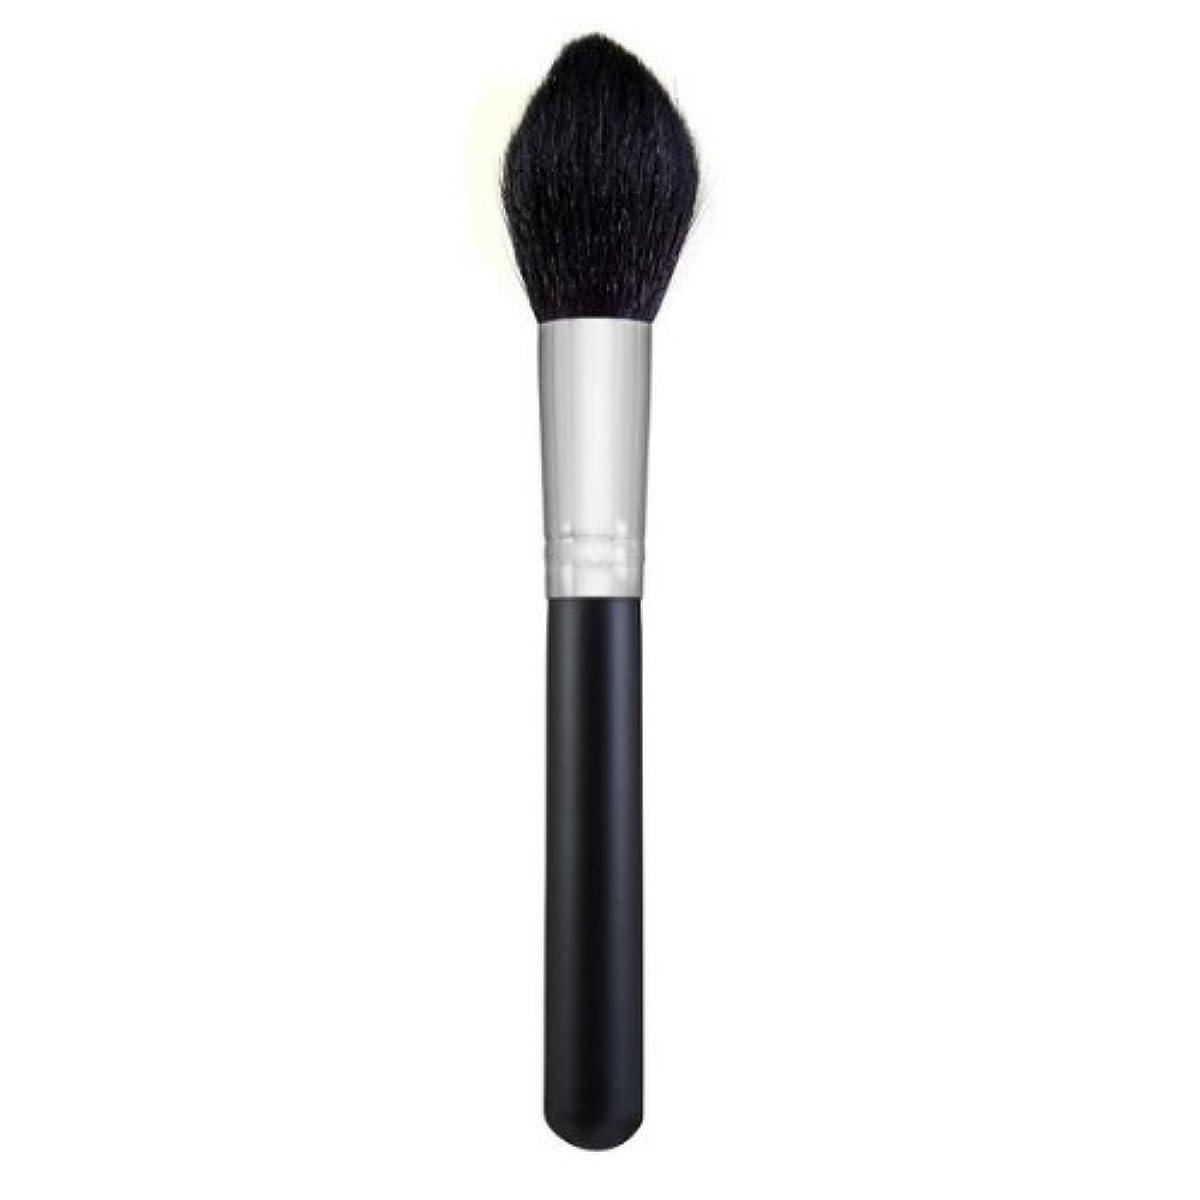 住人写真ロックMORPHE BRUSHES Large Pointed Powder Brush - M401 (並行輸入品)